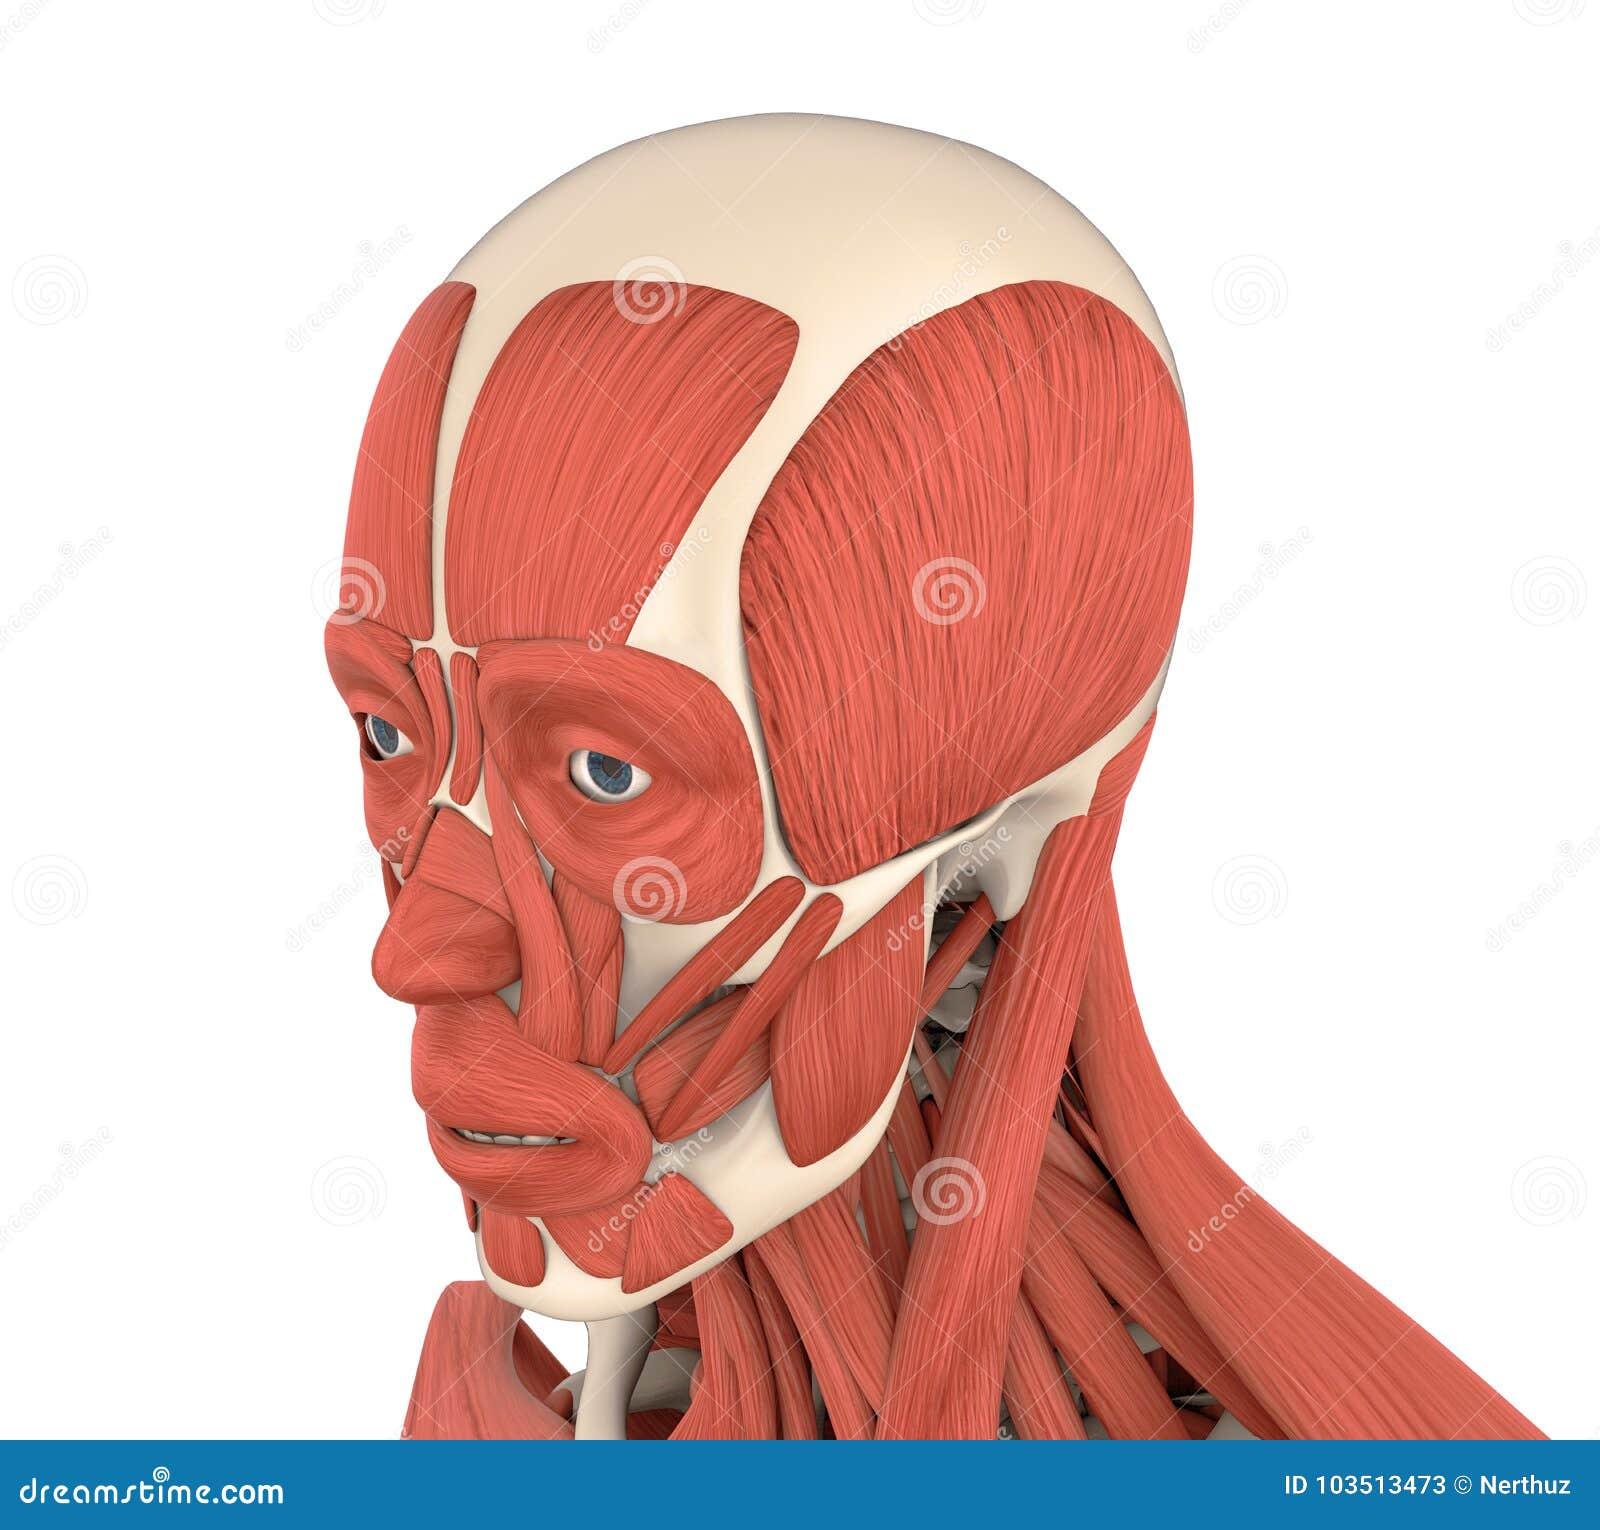 Menschliche Gesichtsmuskel-Anatomie Stock Abbildung - Illustration ...